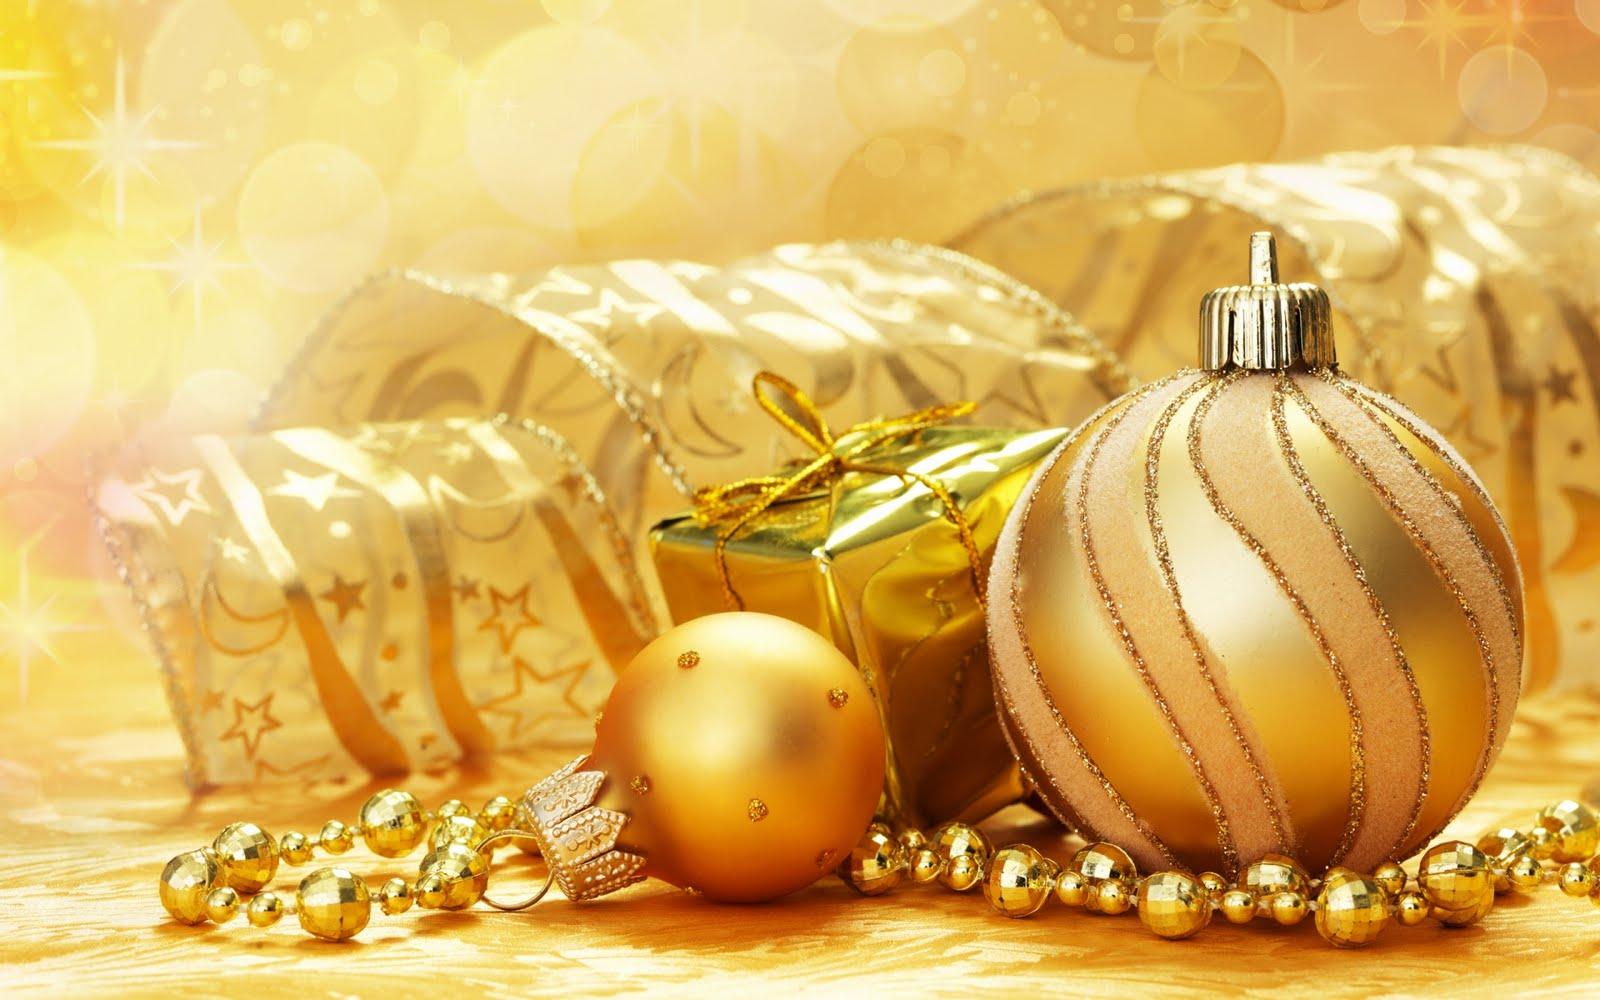 http://3.bp.blogspot.com/-Nu496aXBPwU/TtLv--zfgzI/AAAAAAAArlI/WS0PIHsOf7Q/s1600/esferas-navidad-waiting-for-christmas-1920x1200.jpg